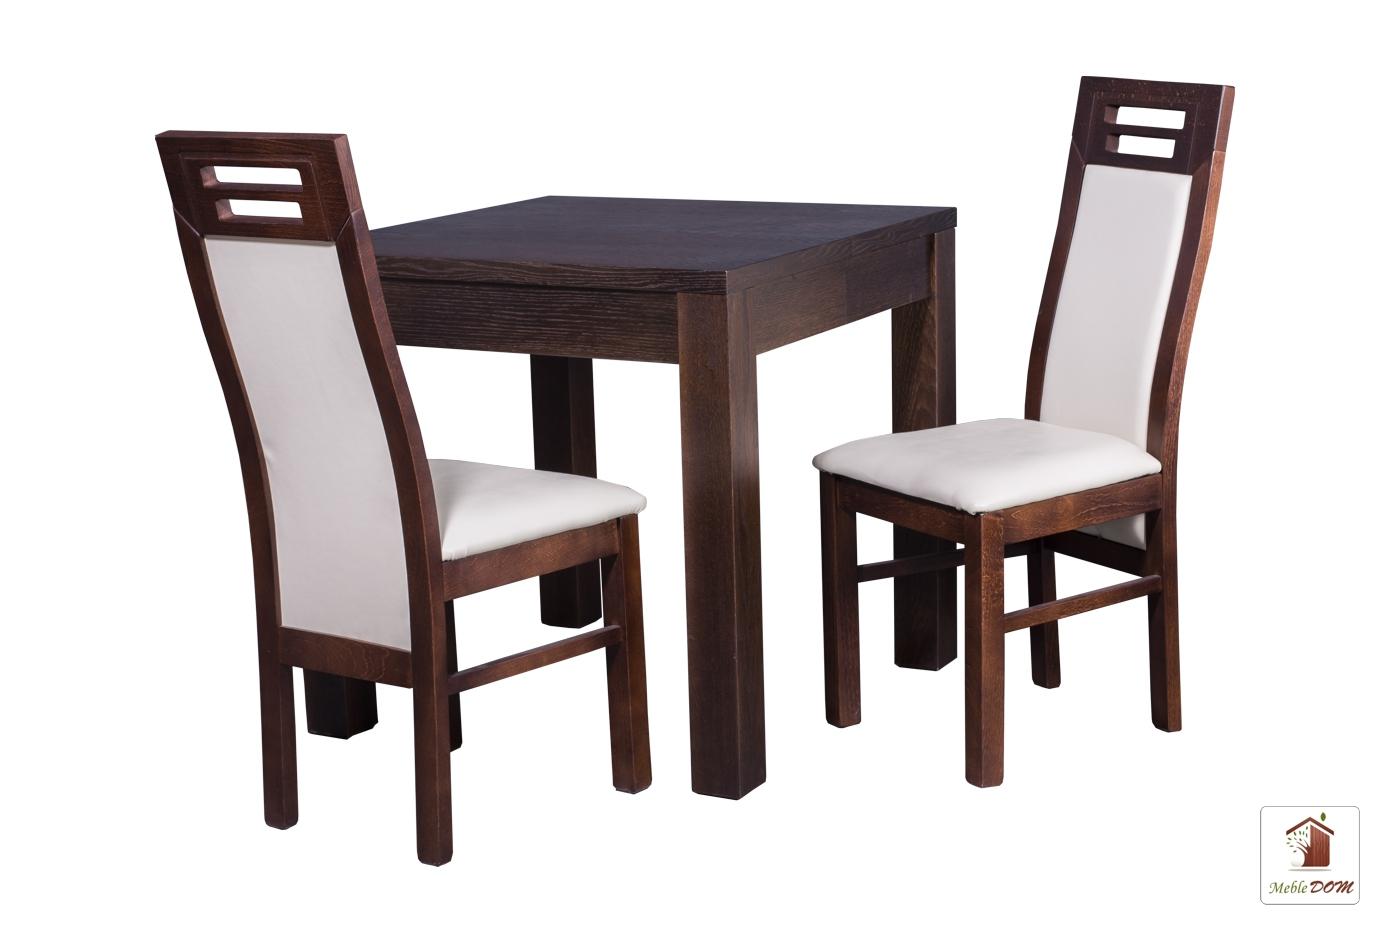 Kwadratowy stół rozkładany Strong Square z krzesłami Rotterdam